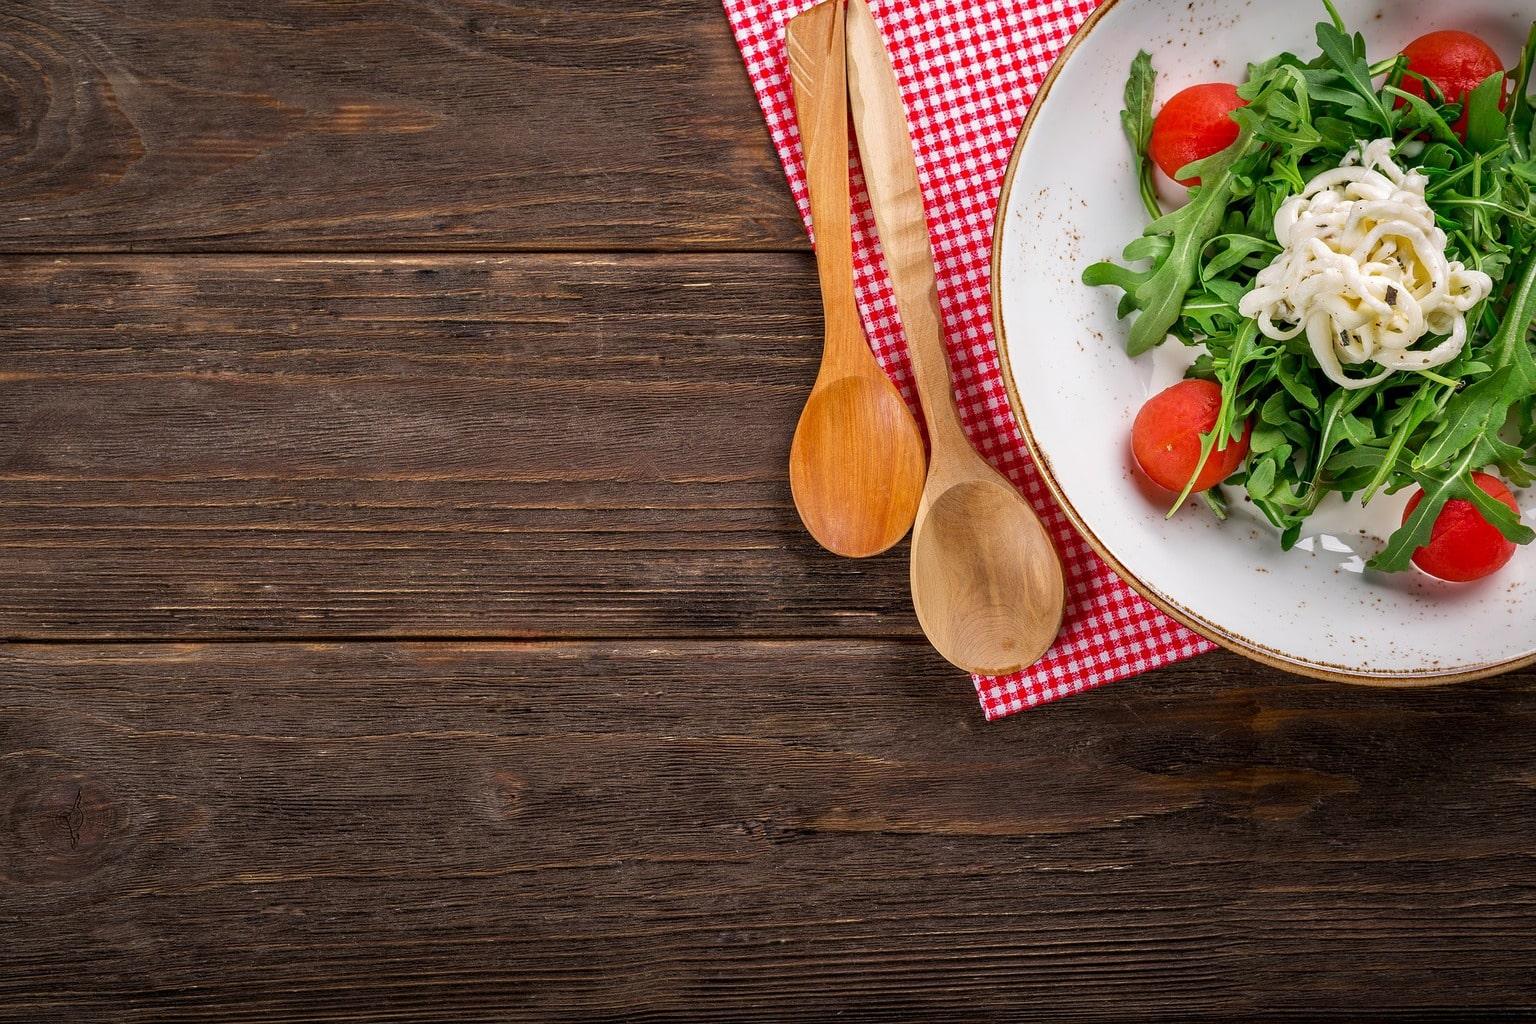 fotografía culinaria de ensalada